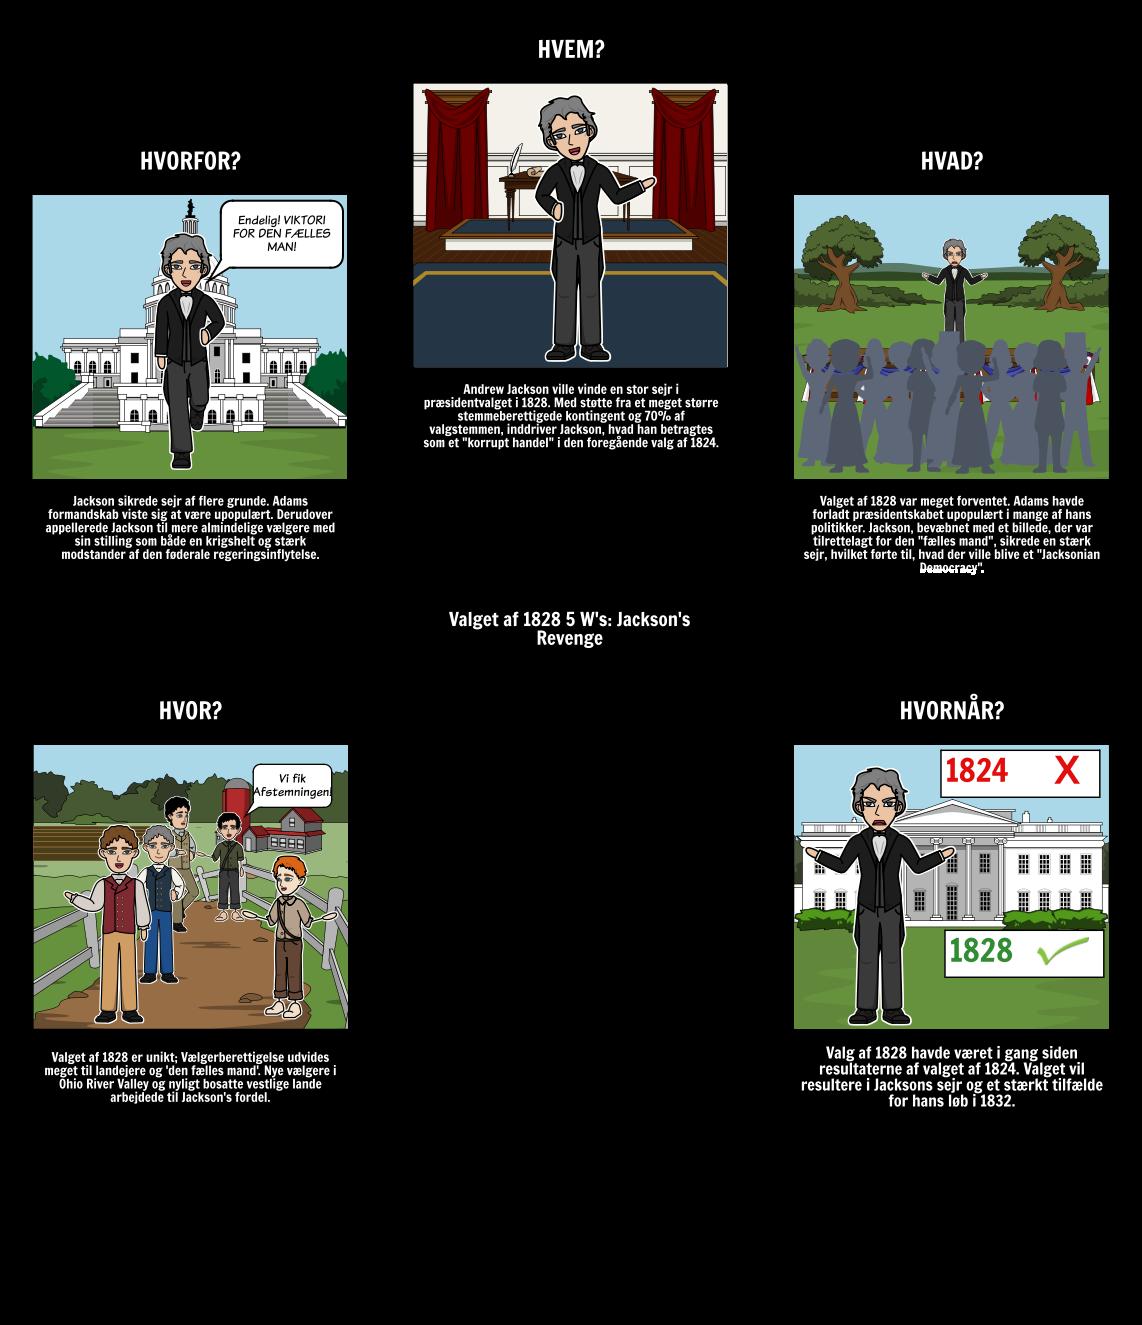 Den Valg af 1828: Jacksons Victory